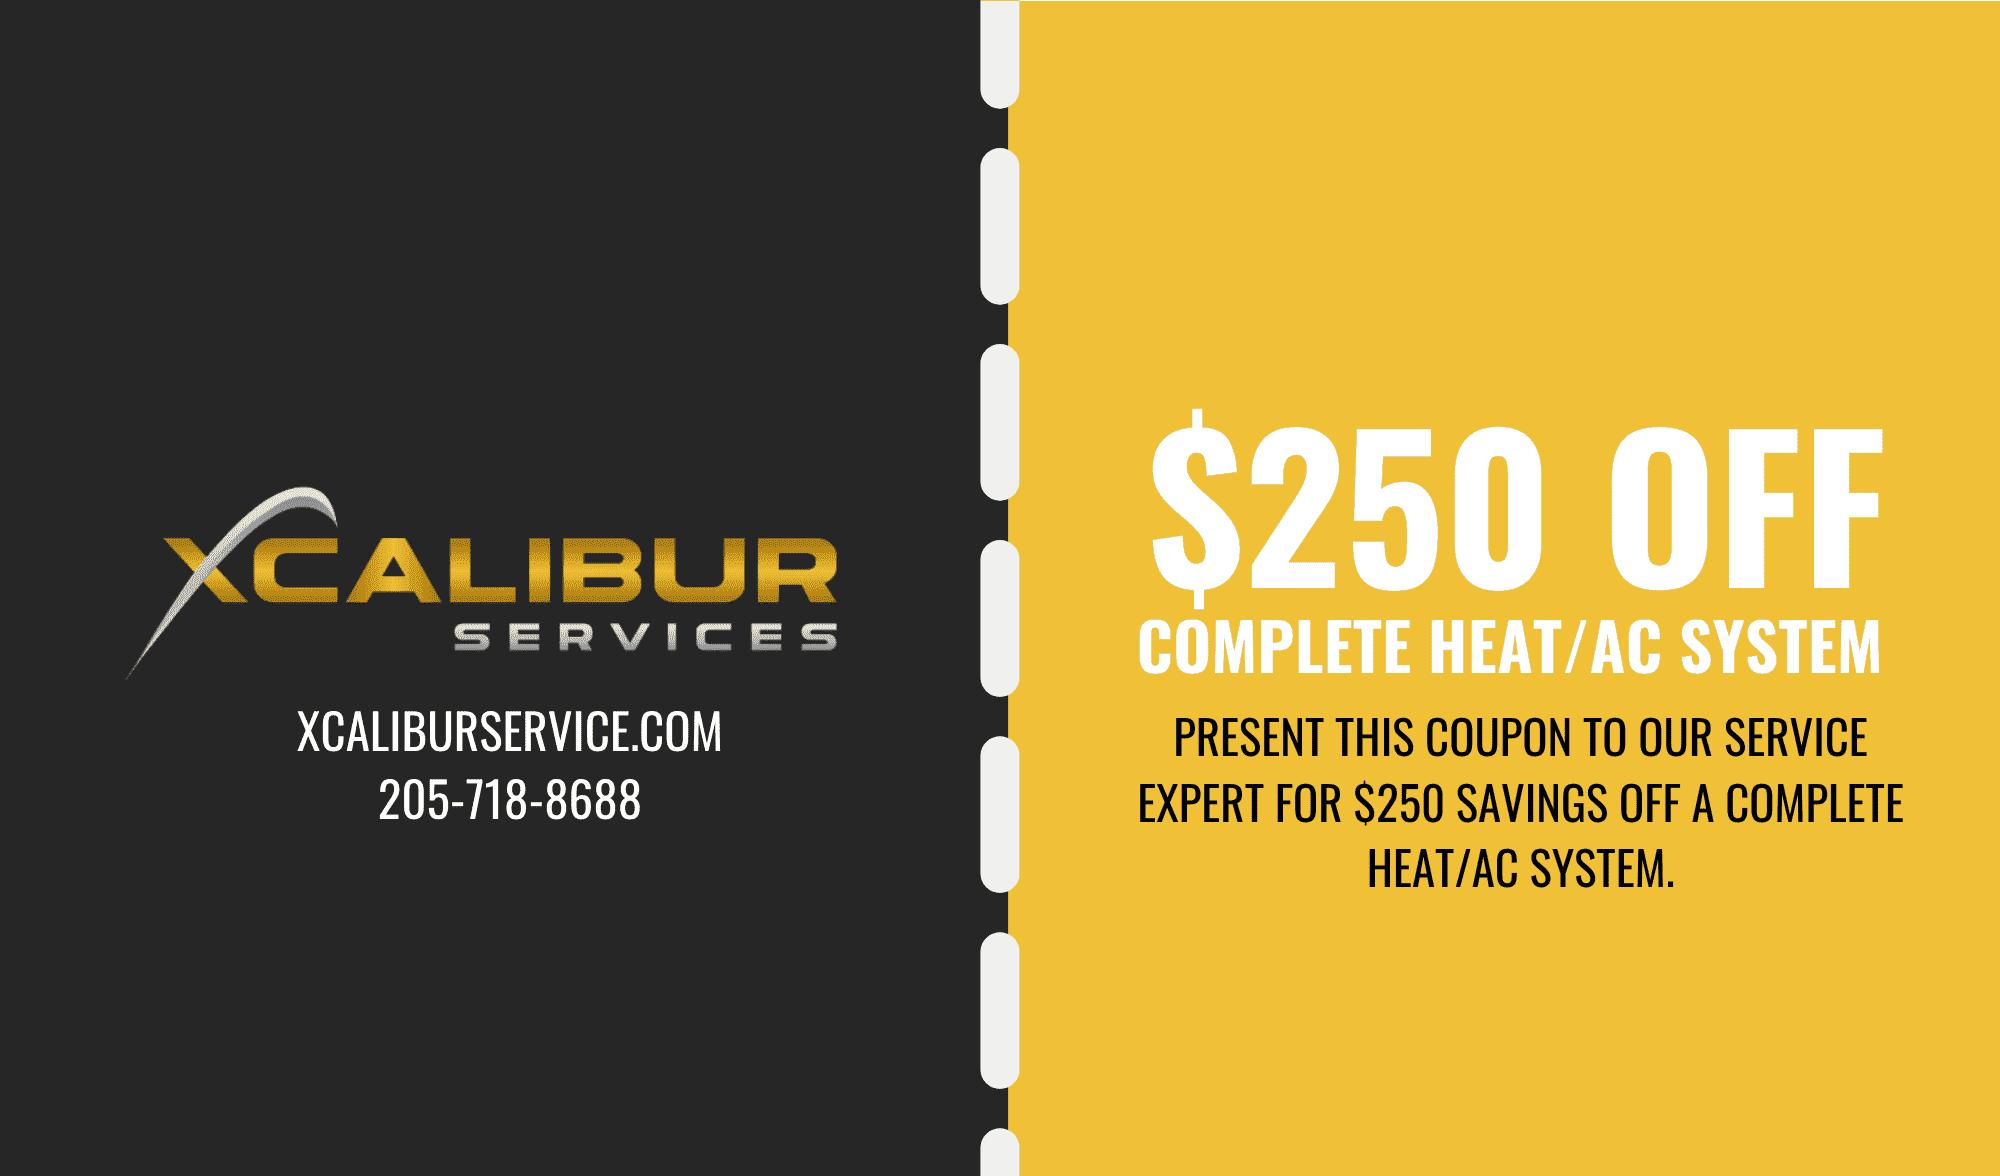 xcalibur_coupon3